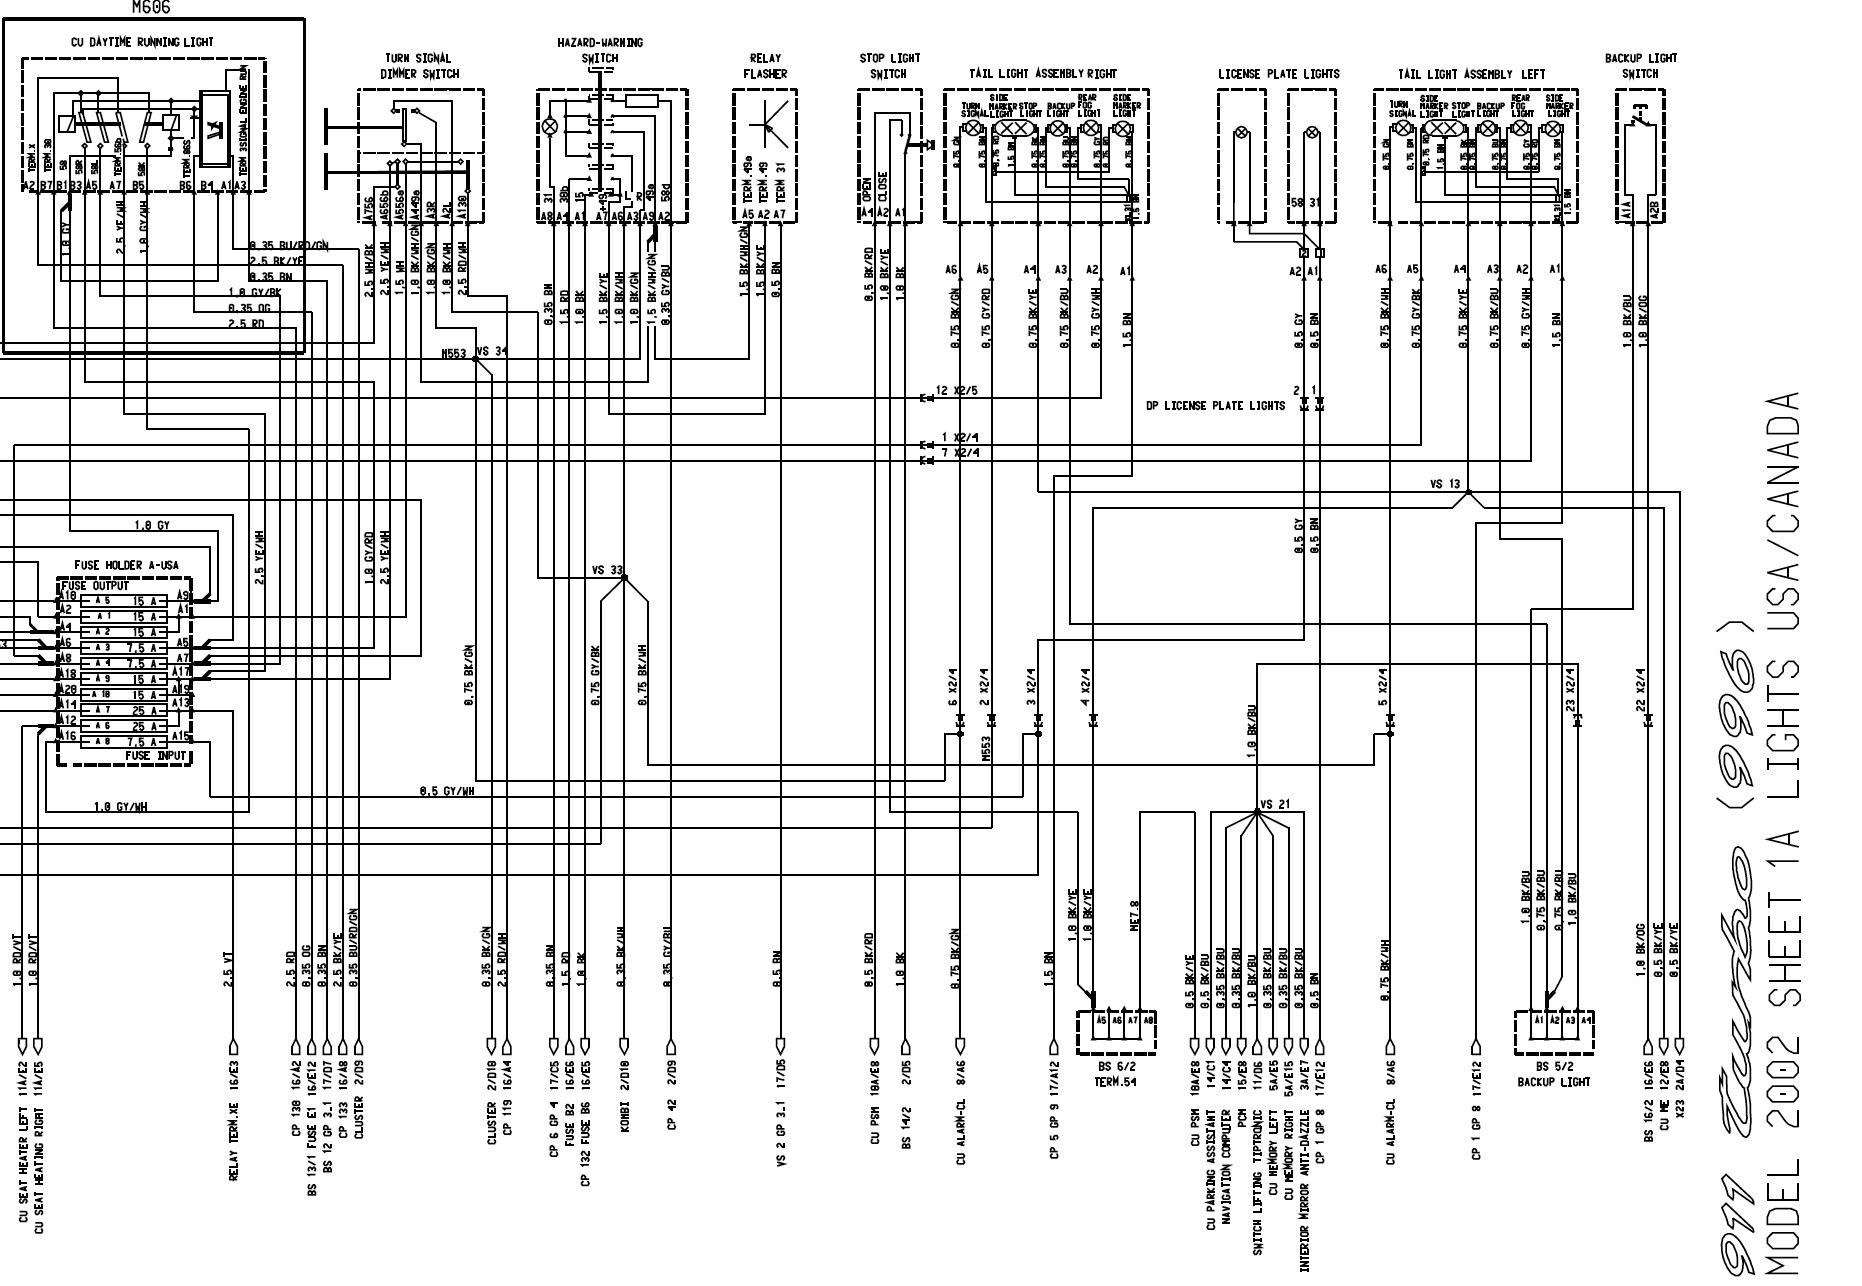 100 [ pioneer stereo wiring colors dsl ] wiring diagrams u2022 Becker Radio Wiring Diagrams  Blaupunkt Radio Wiring Diagram 2002 Focus Alpine Speakers Wiring Diagrams Blaupunkt Radio Wiring Diagram Porsche